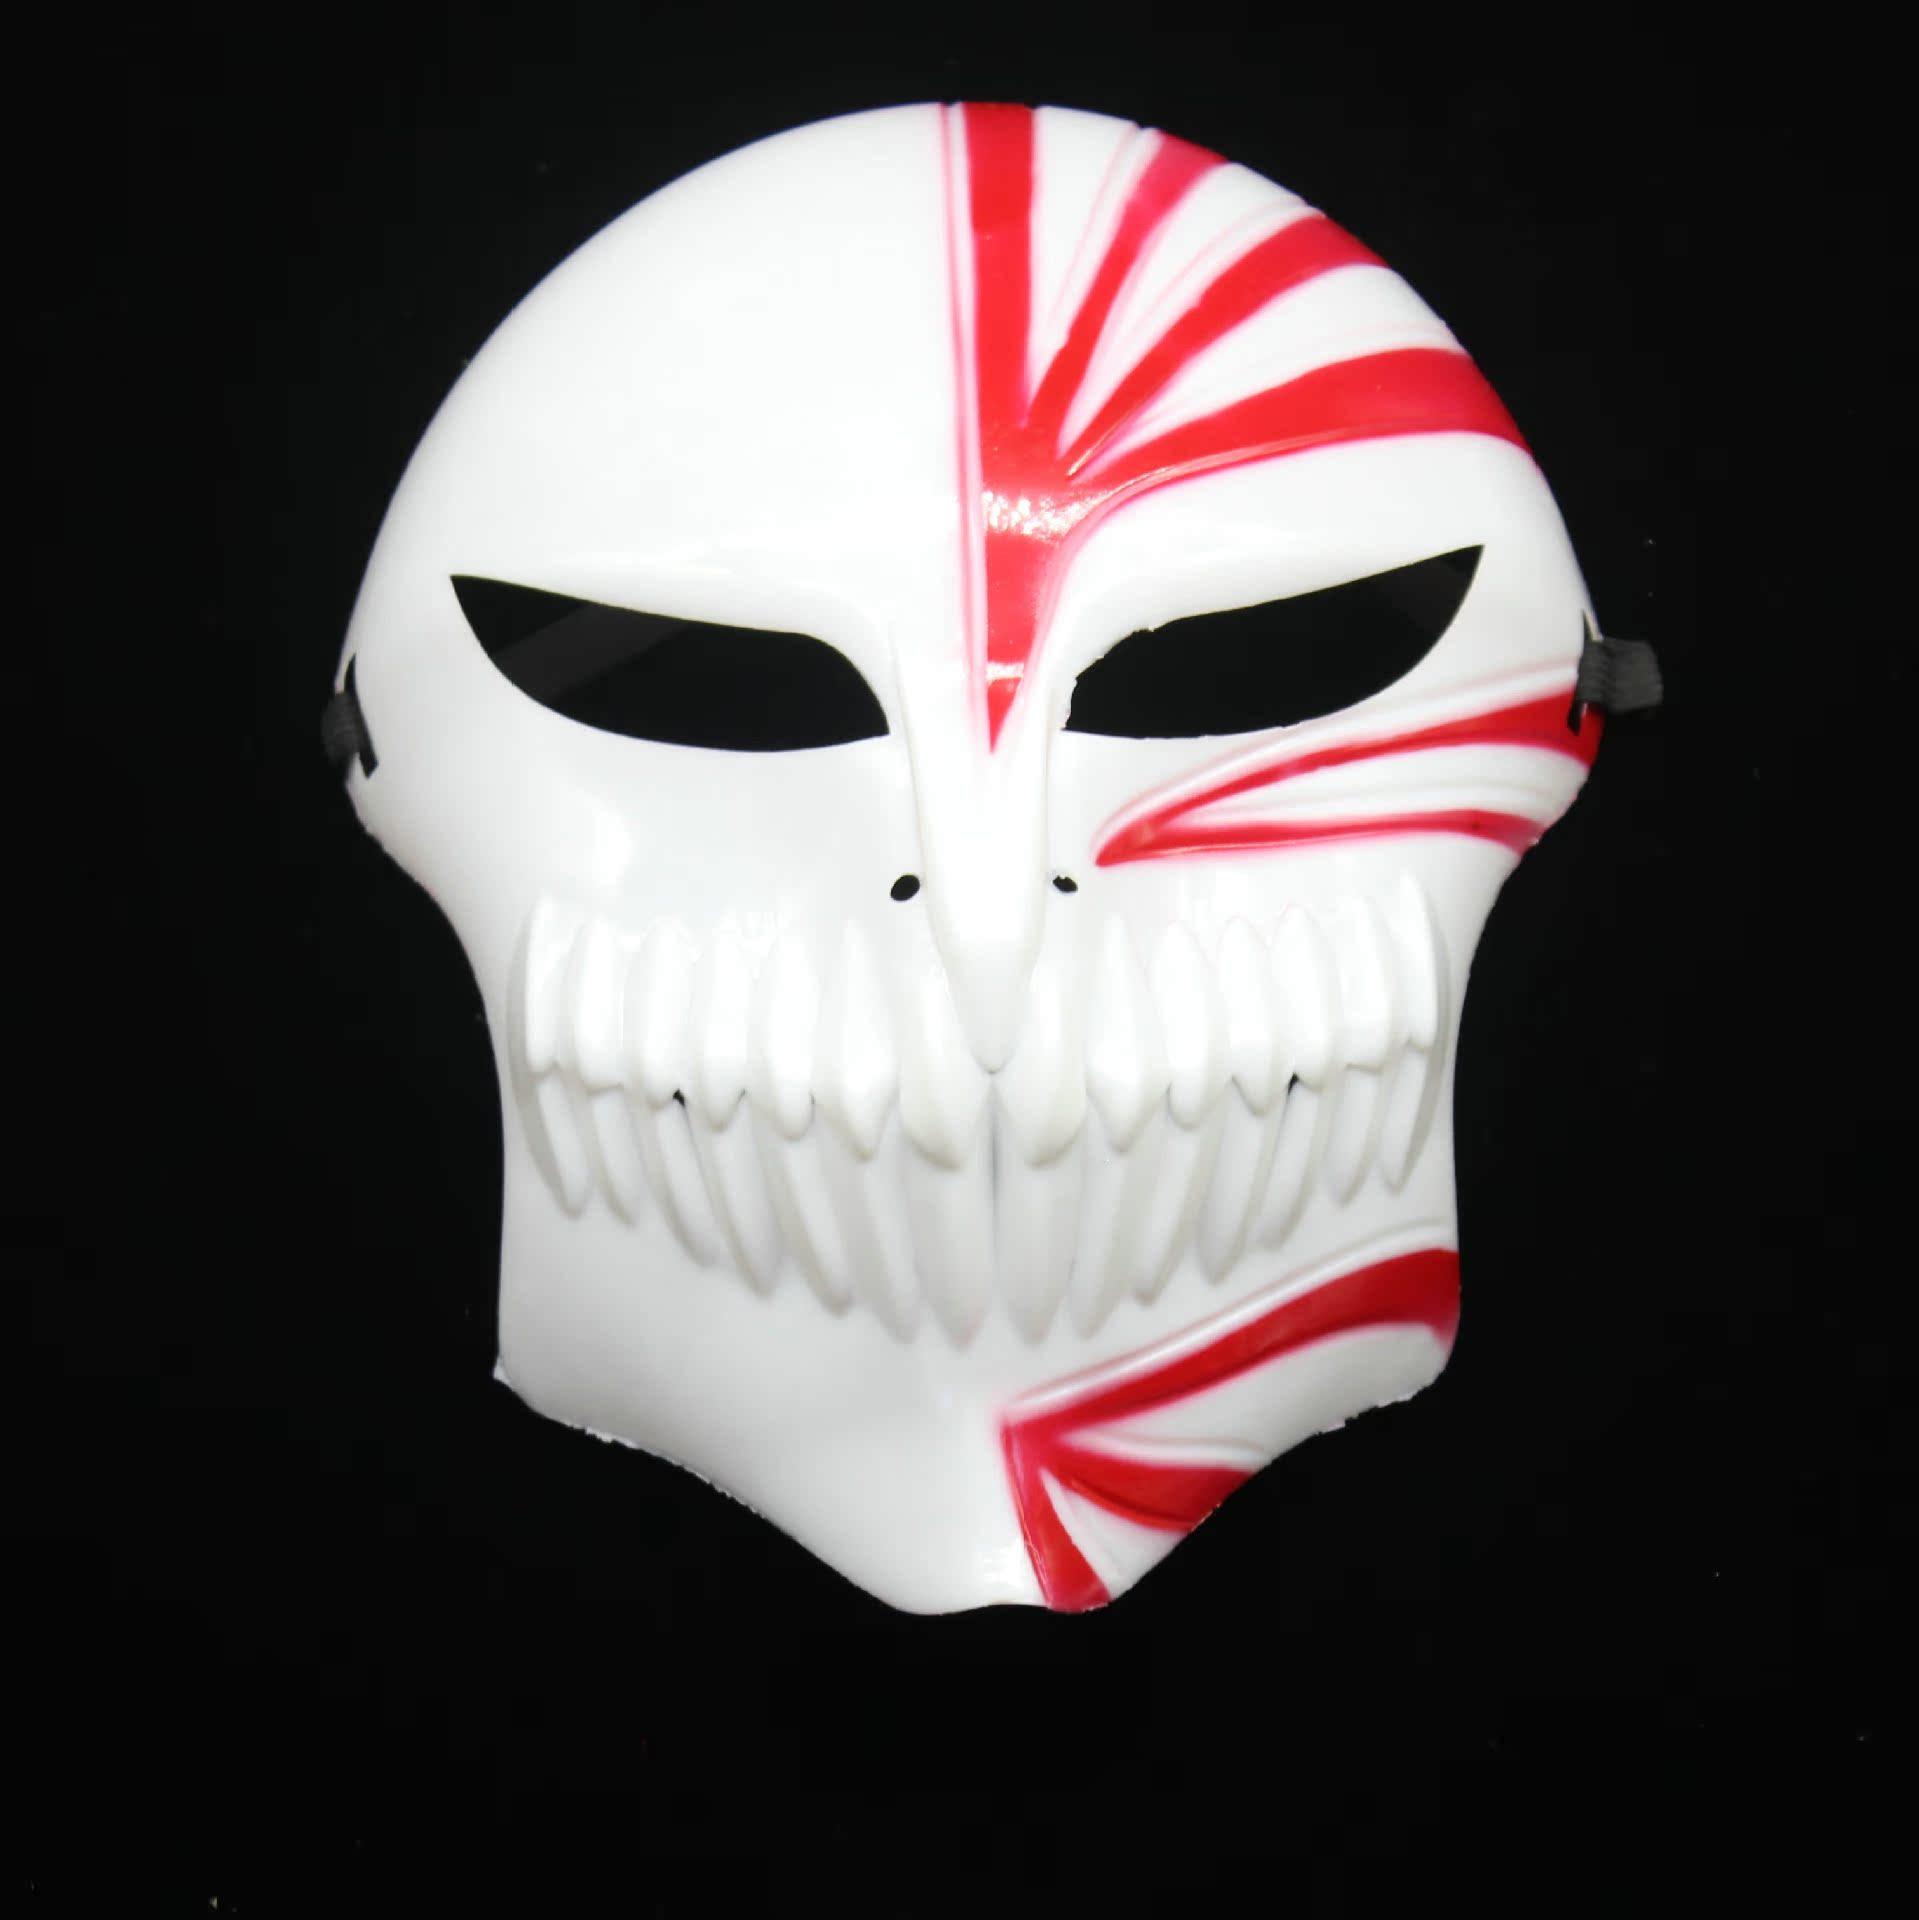 万圣节面具 厂家直销鬼步舞面具 黑崎一户 死神 万圣节 阿里巴巴